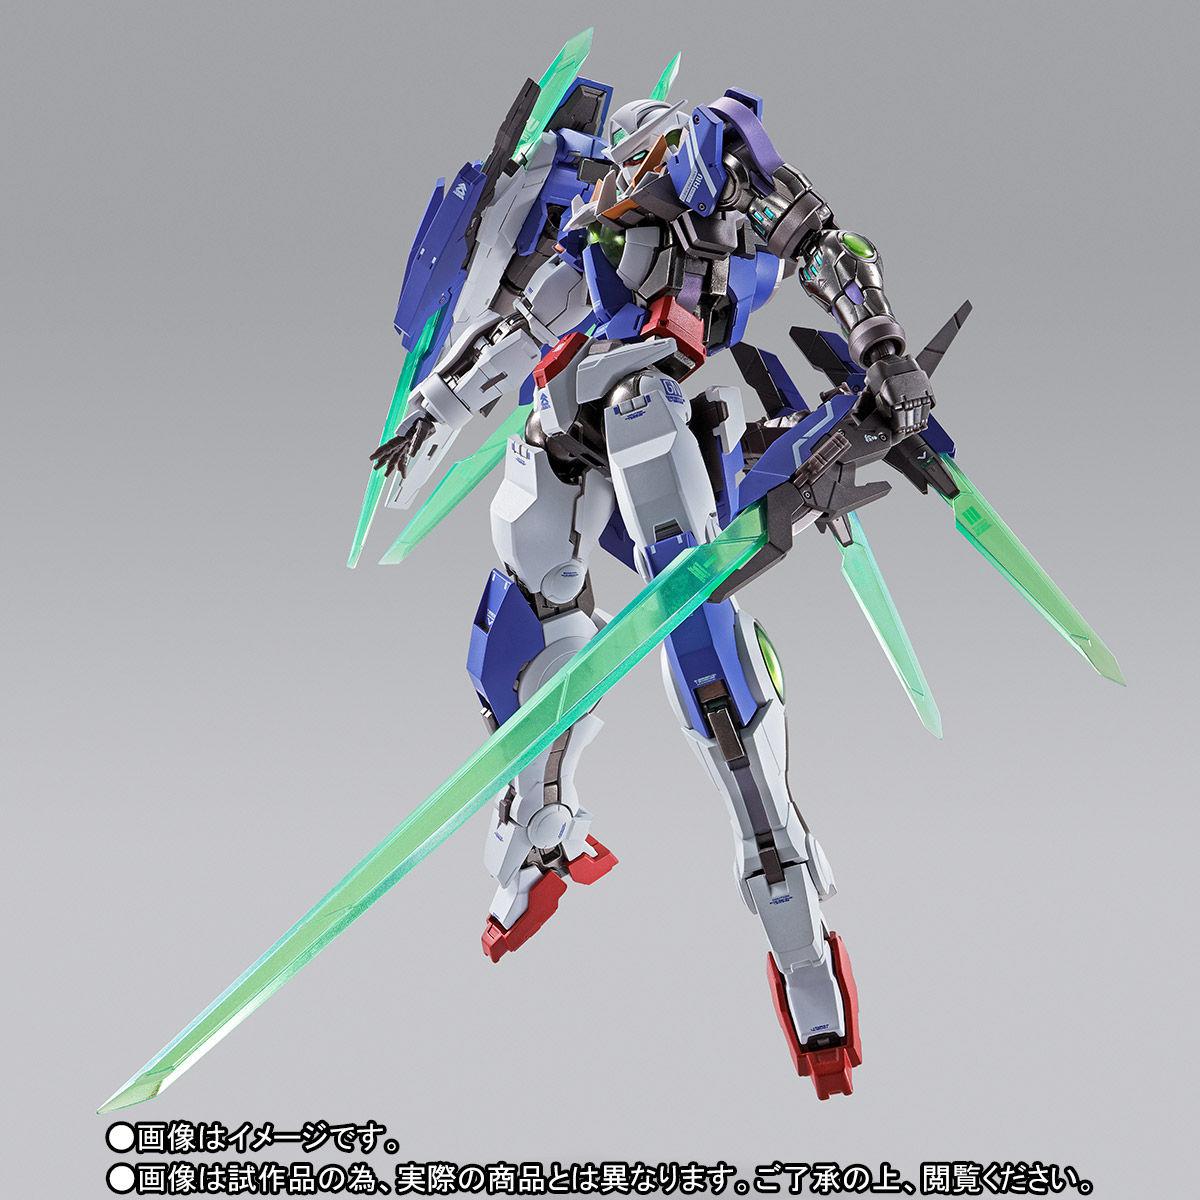 METAL BUILD『ガンダムエクシアリペアIV』機動戦士ガンダム00 可動フィギュア-003